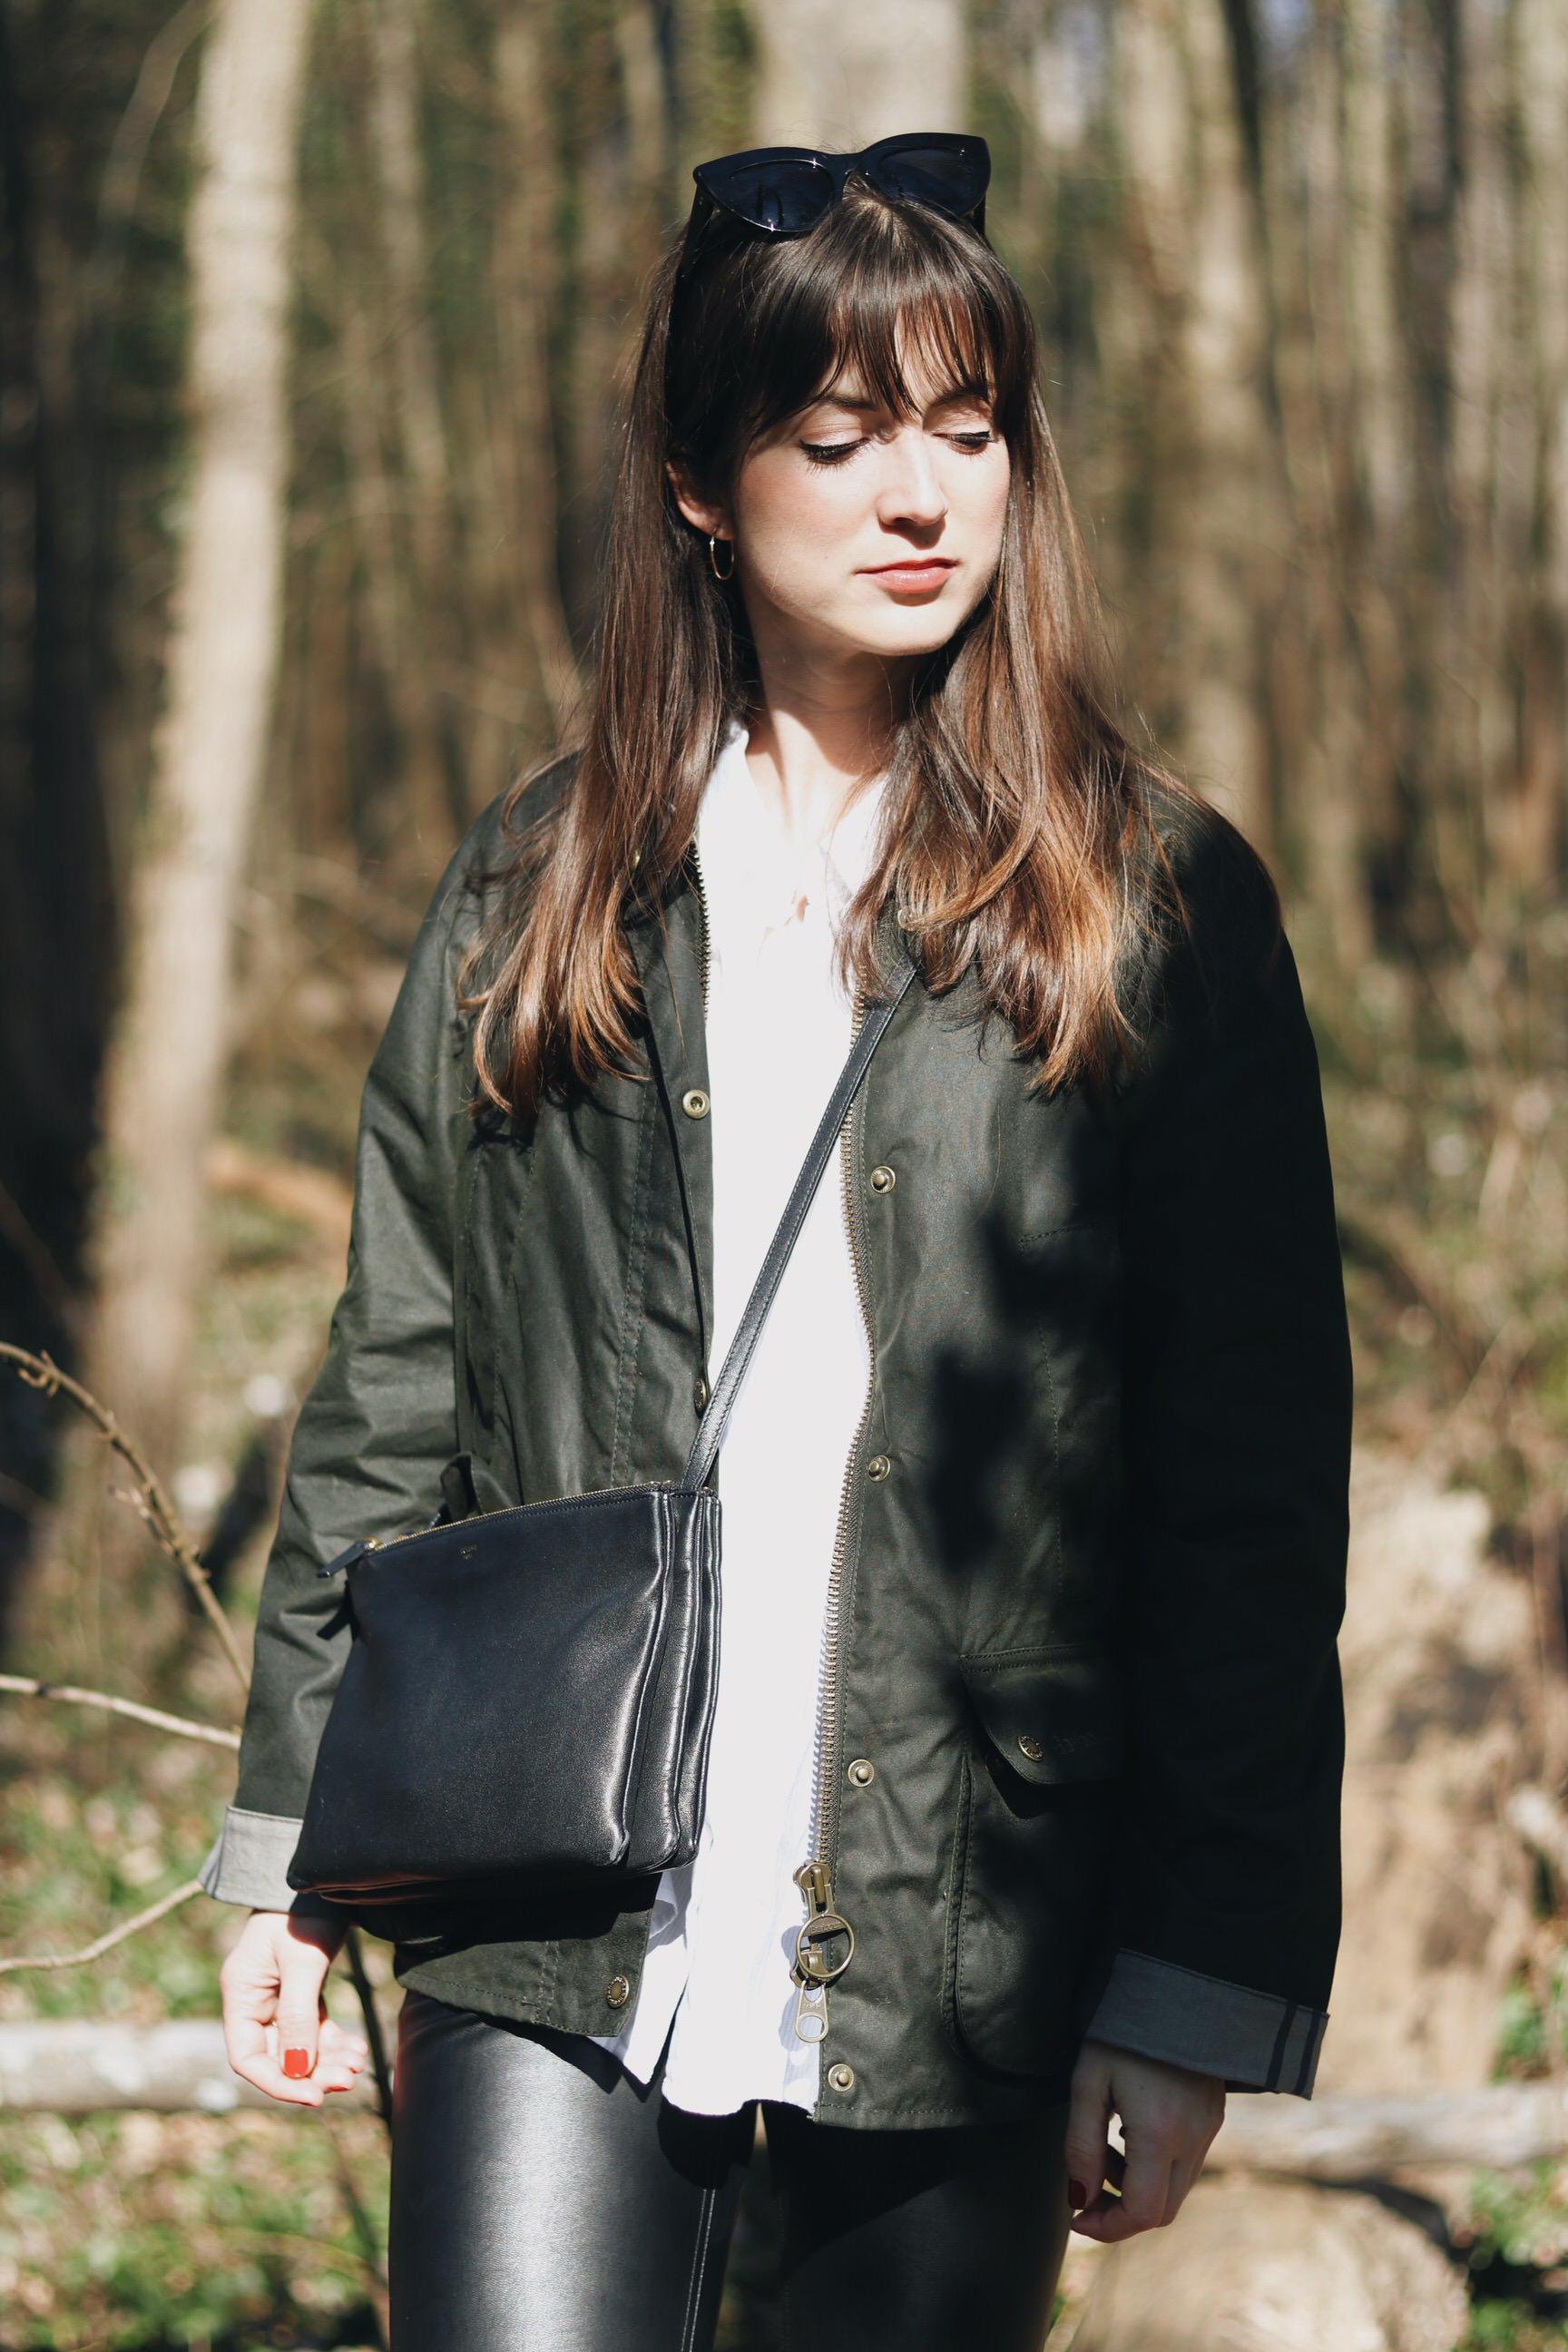 Barbour Jacket Klassiker gruen Stil Outfit Modebloggerin Outfit Celine Trio Bag wandern